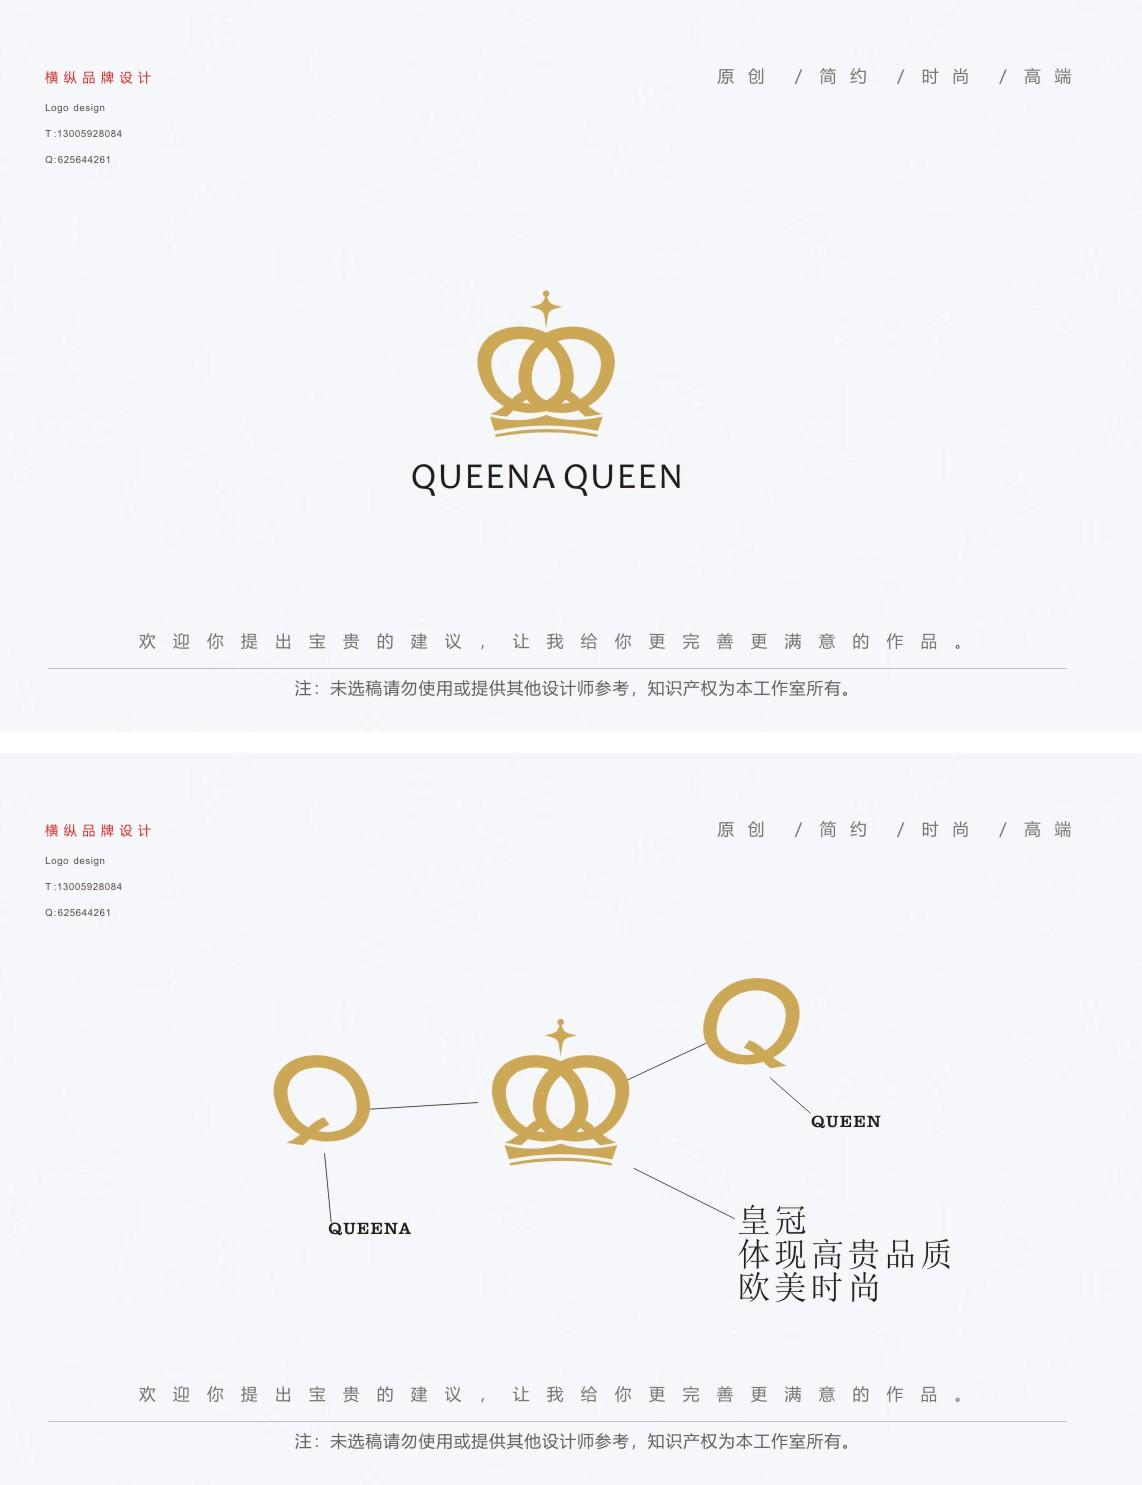 女鞋产品LOGO设计,因改名重新征集_2965105_k68威客网